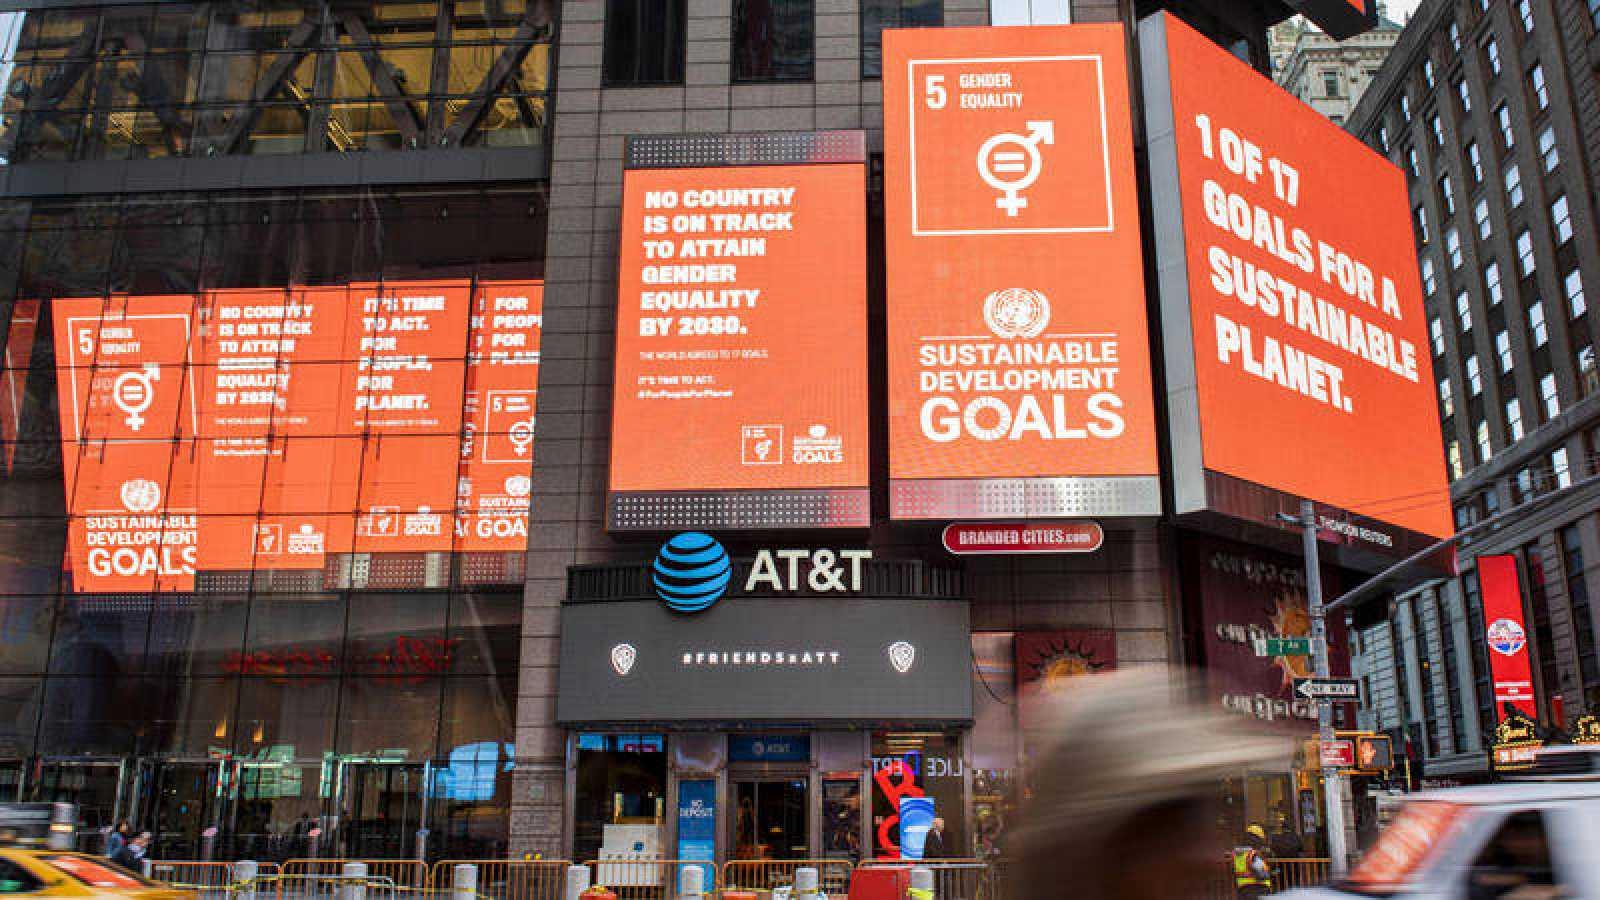 Nueva York acoge la cumbre del clima rodeada de paneles que anuncian los Objetivos del Desarrollo Sostenible